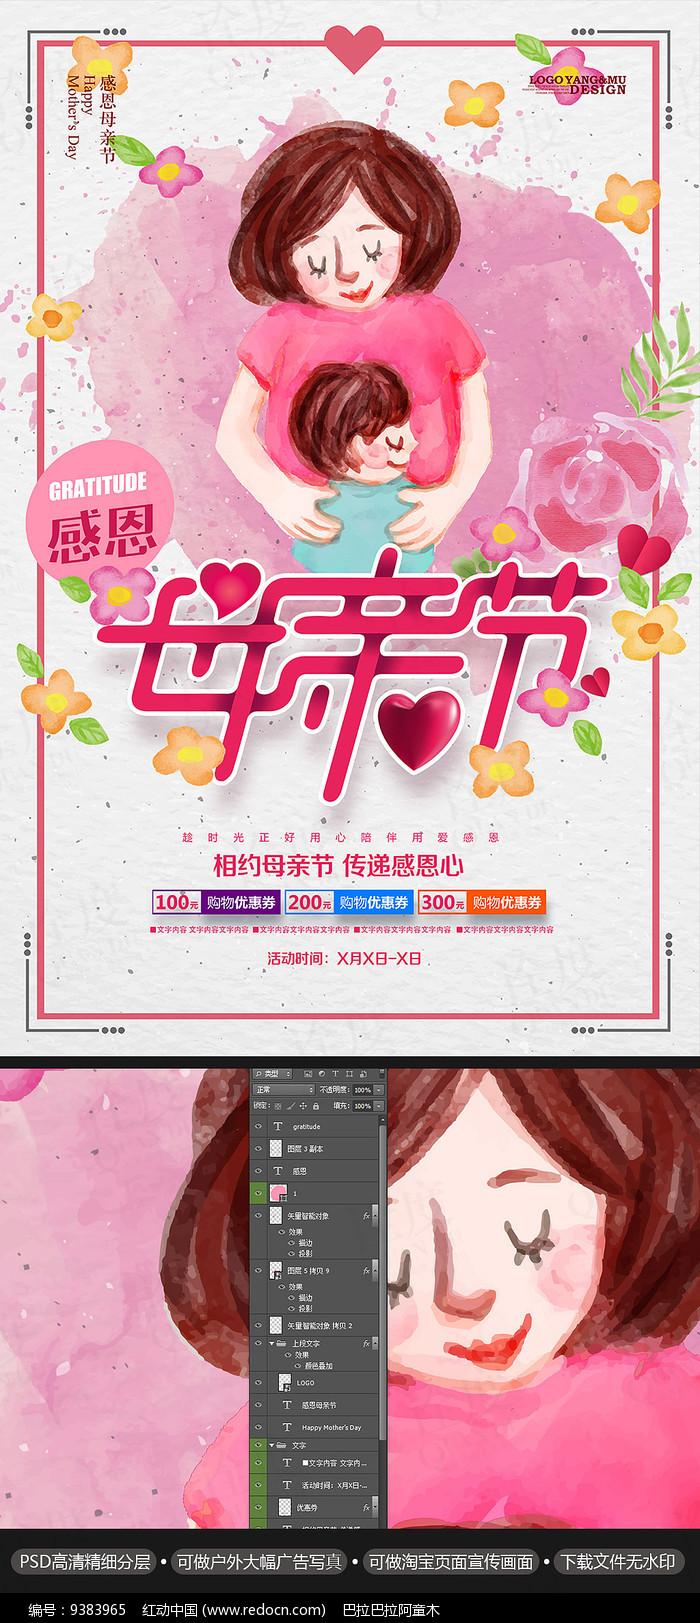 插画水彩感恩母亲节促销海报图片